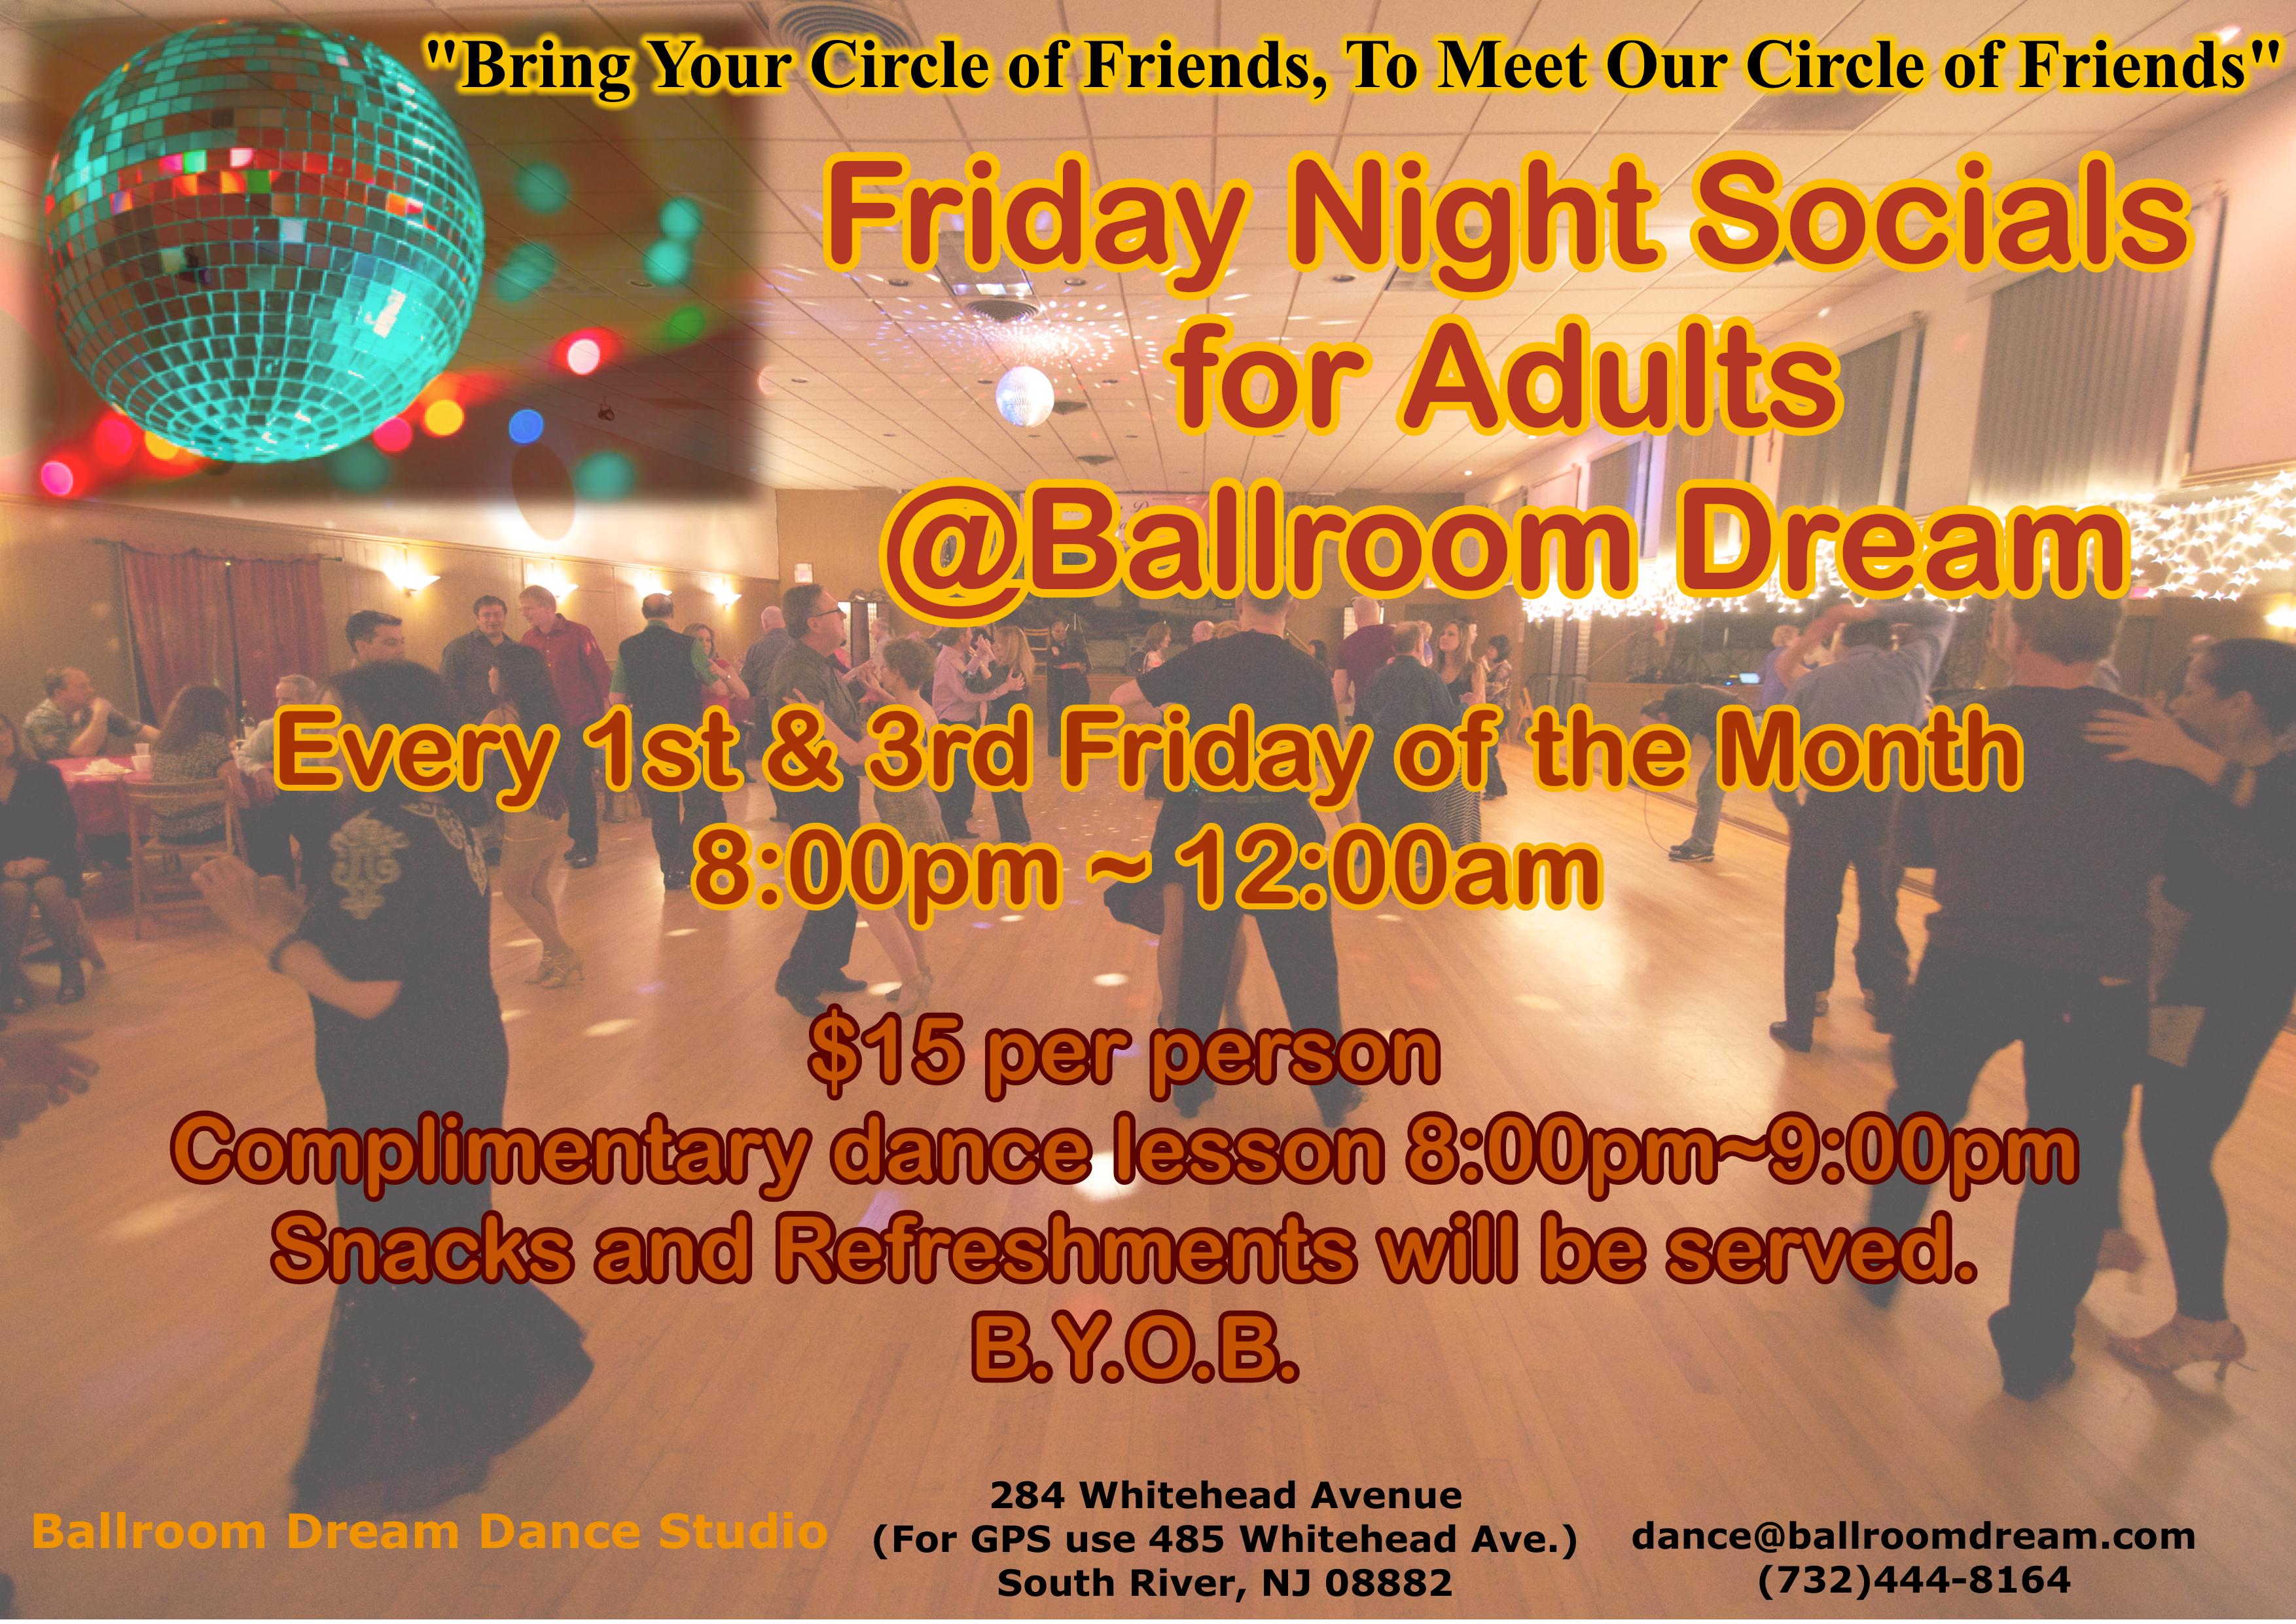 ballroom-dream-dance-studio-1530288990.jpg